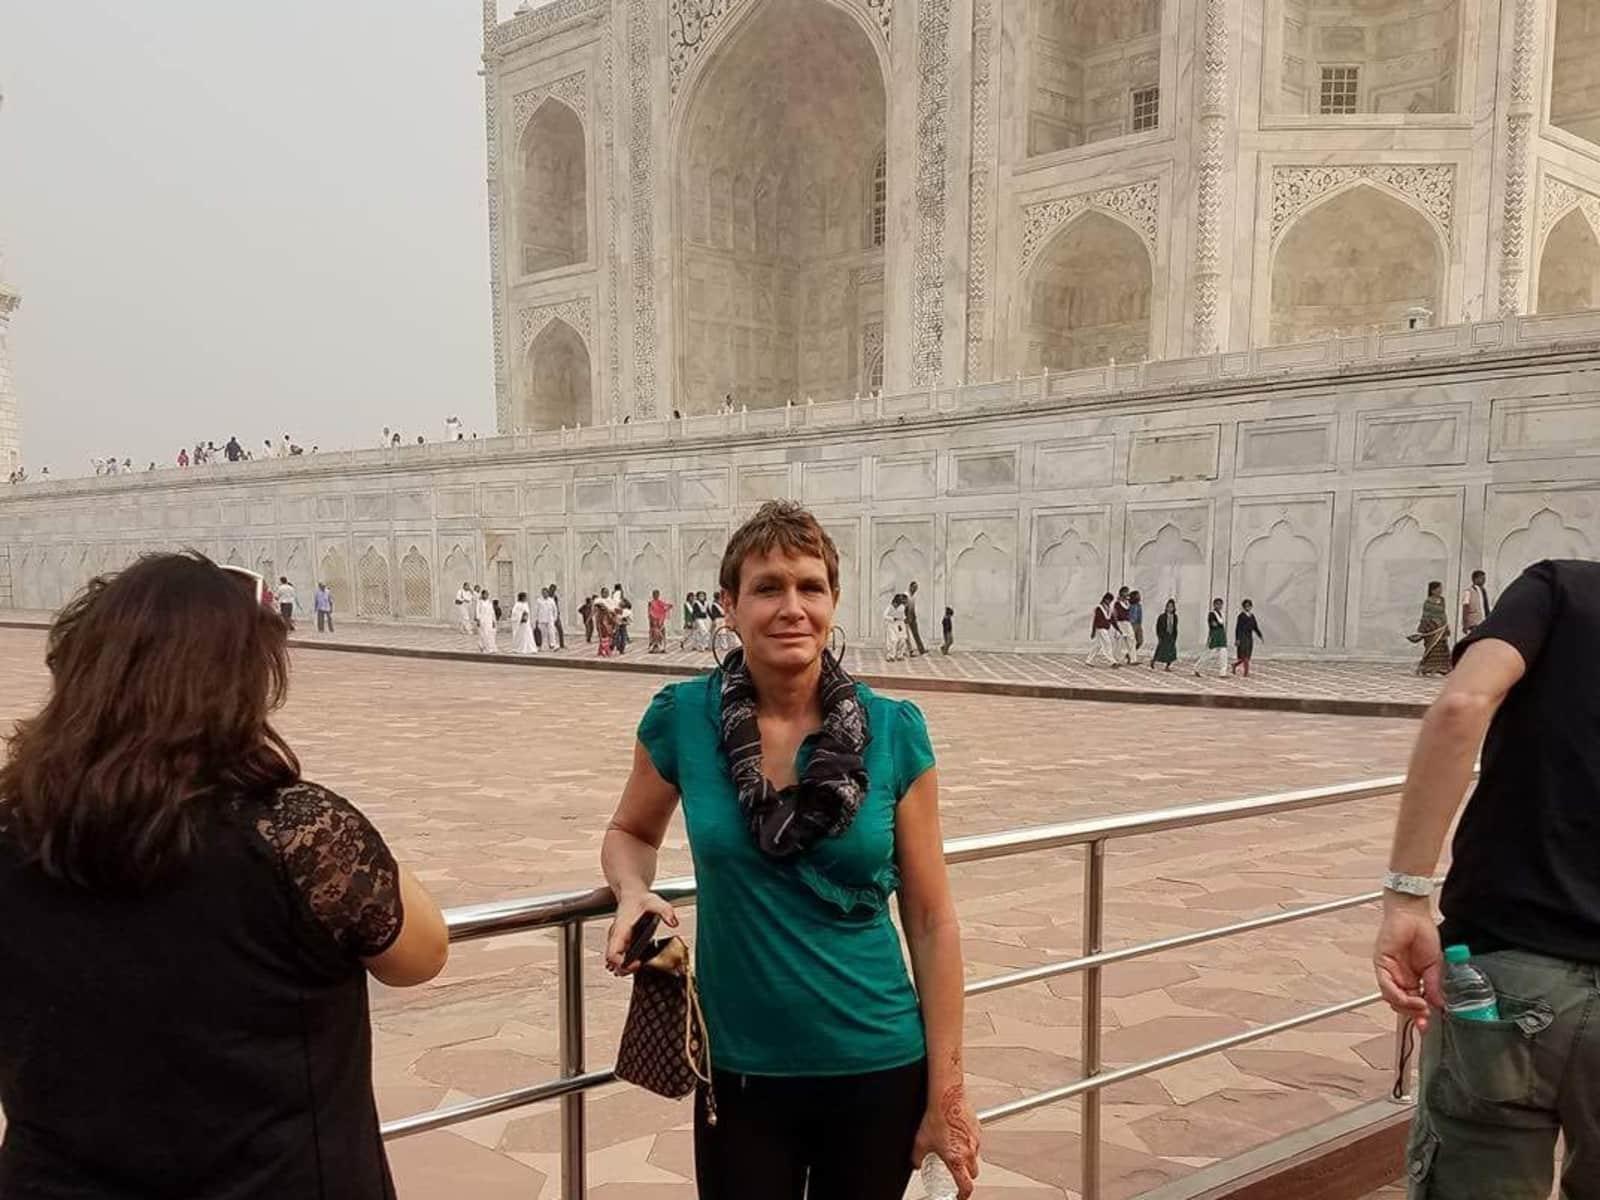 Jodi from Boston, Massachusetts, United States